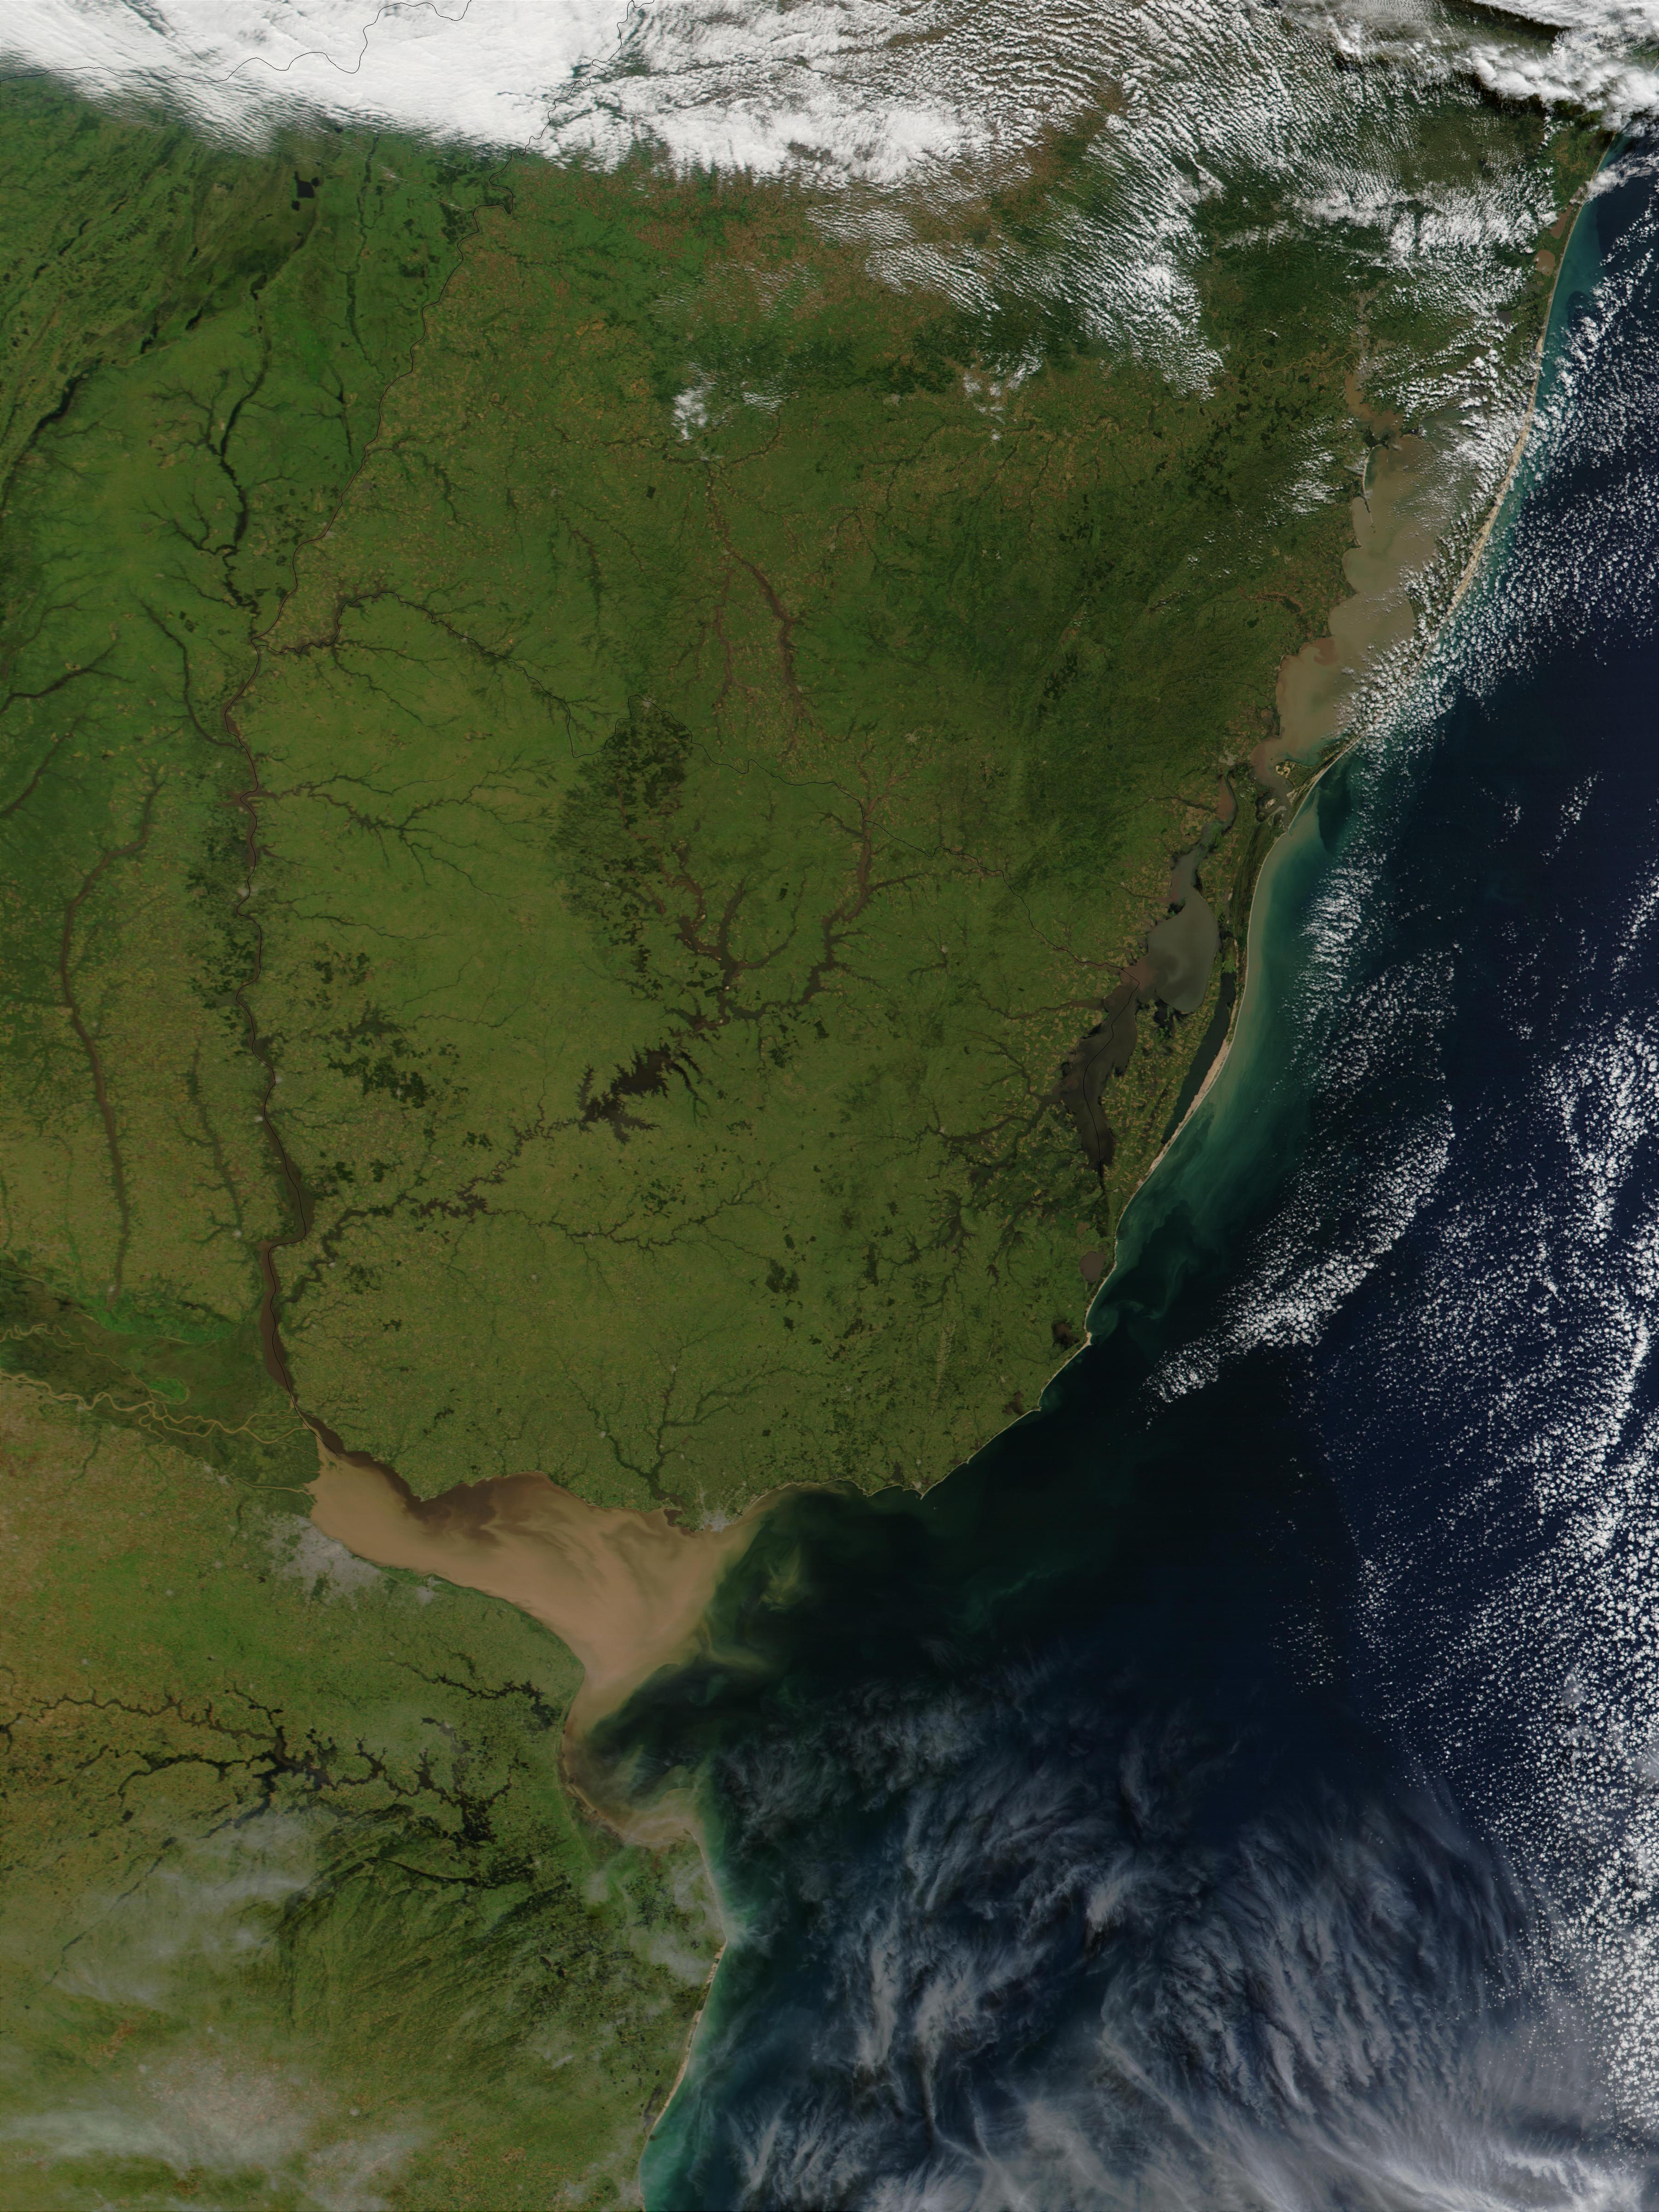 Floods in Uruguay